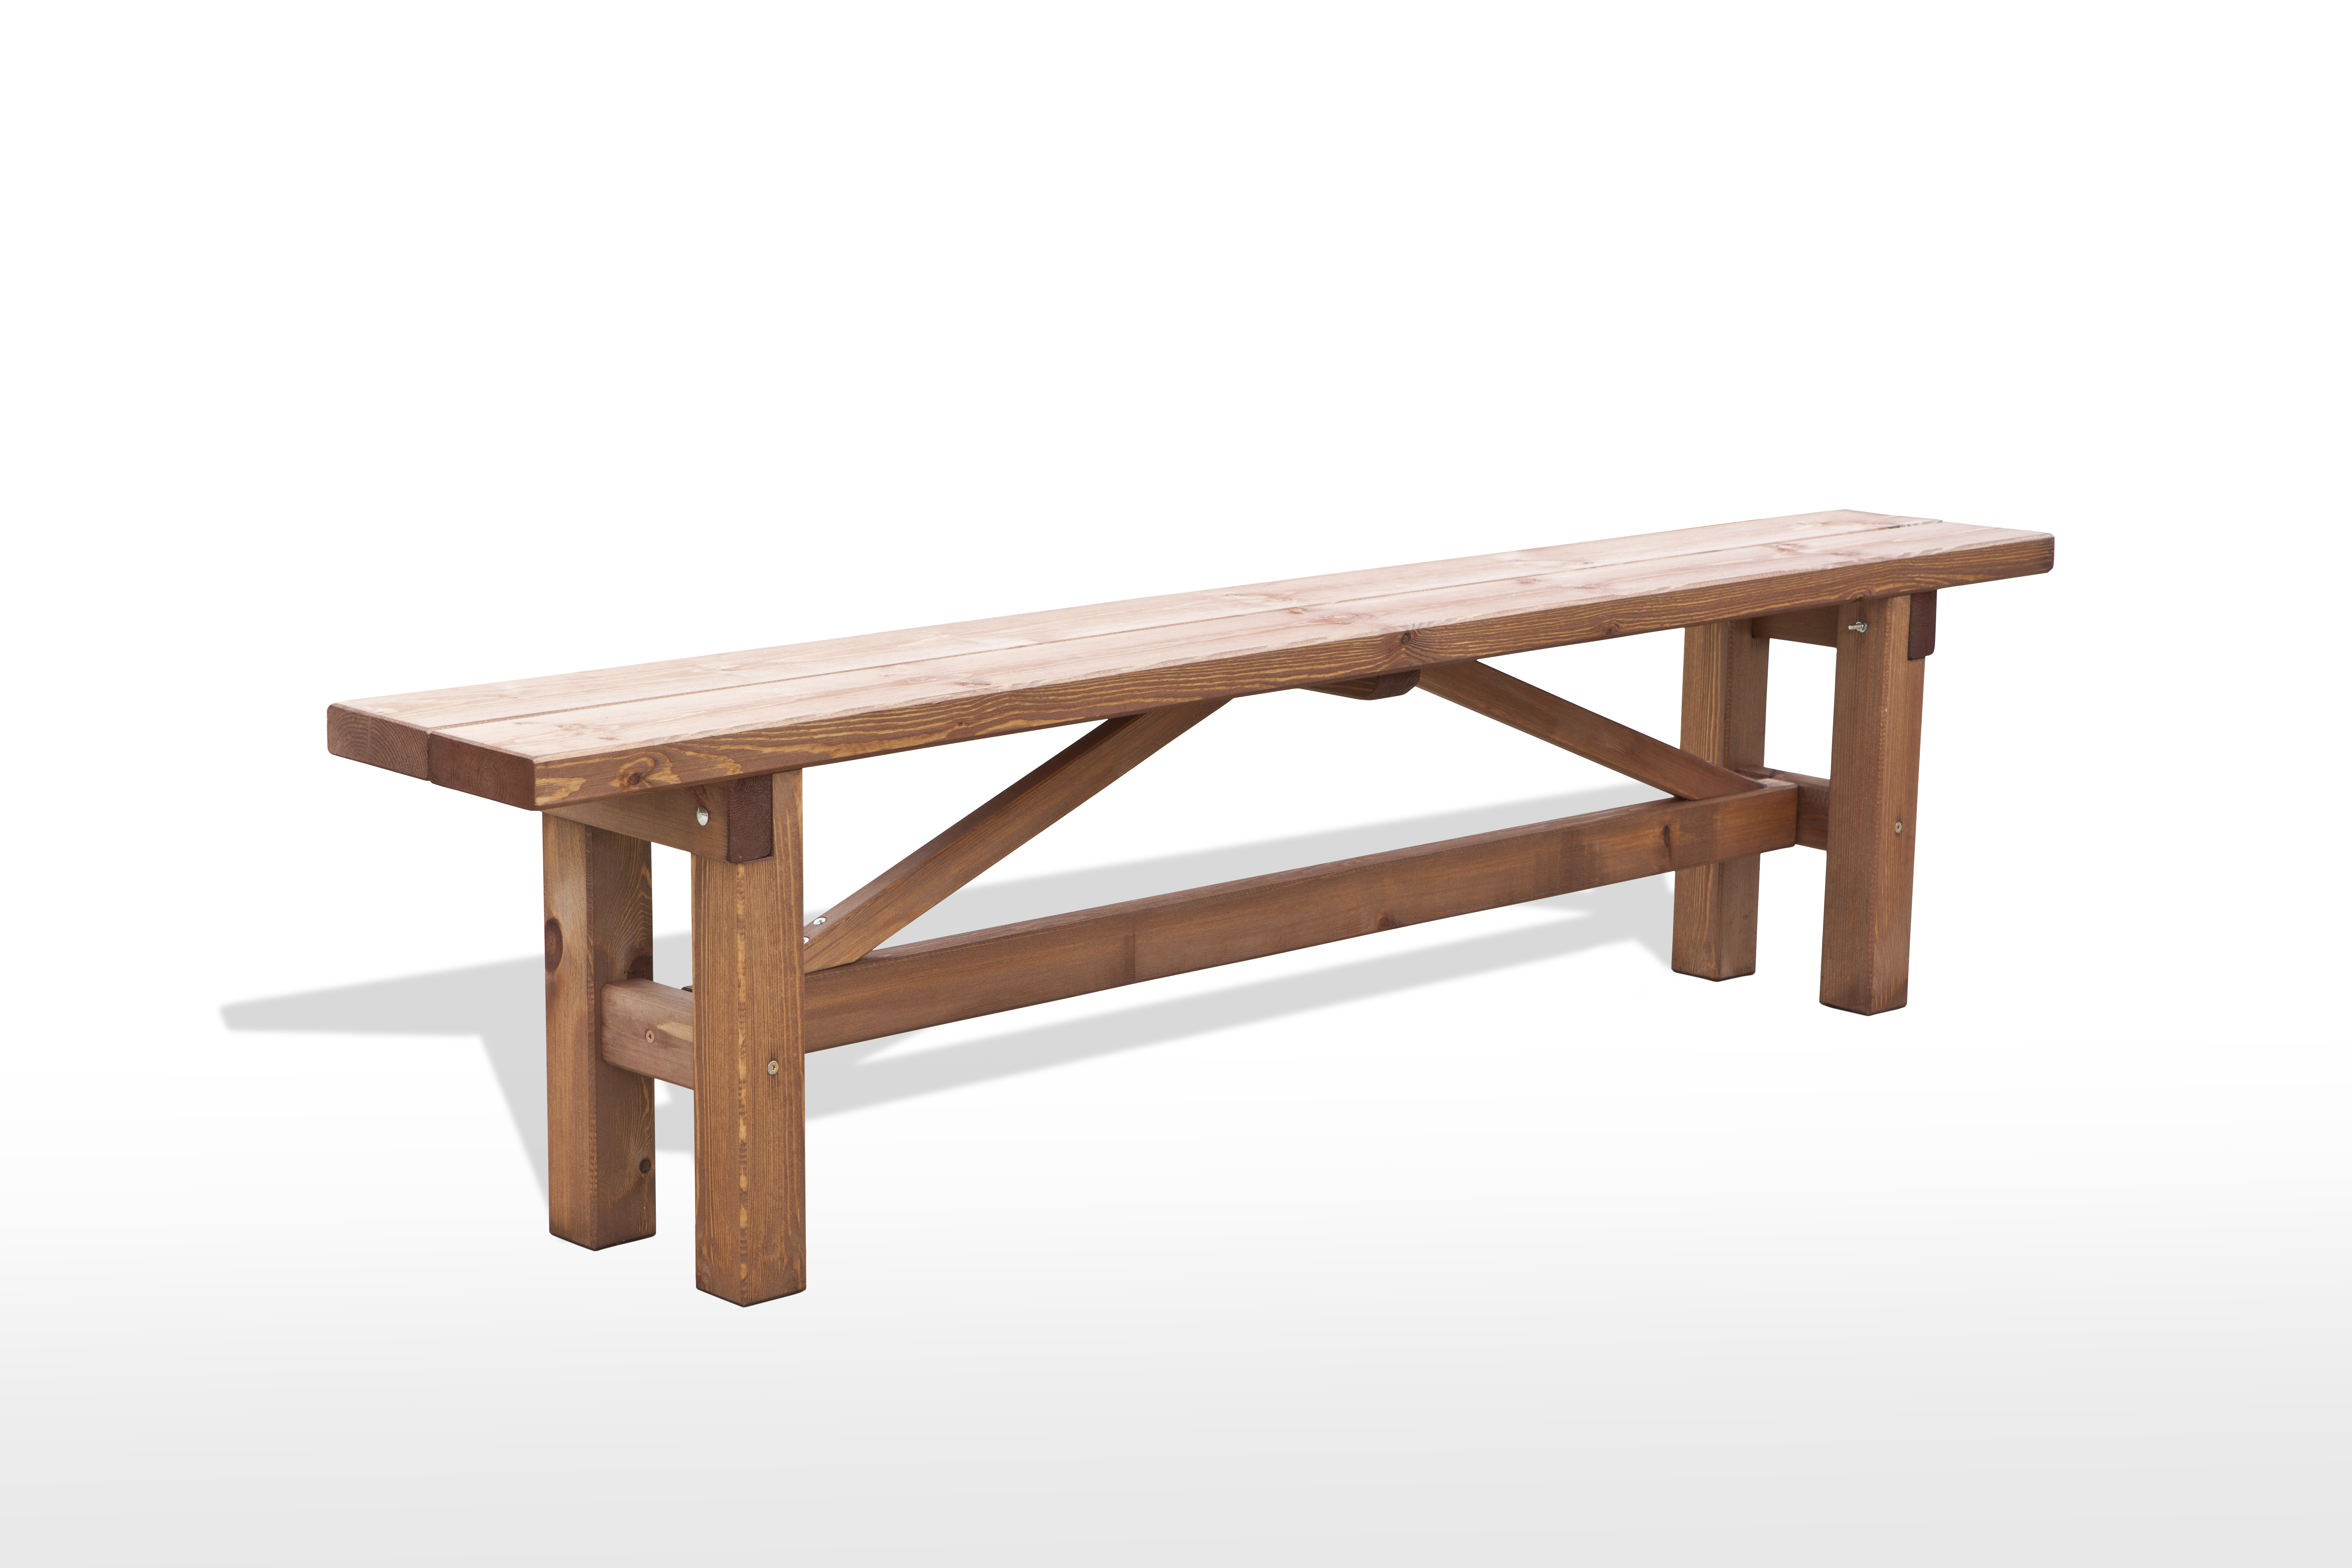 Banco de madera top bancos de madera para wallpapers - Banco de madera rustico ...